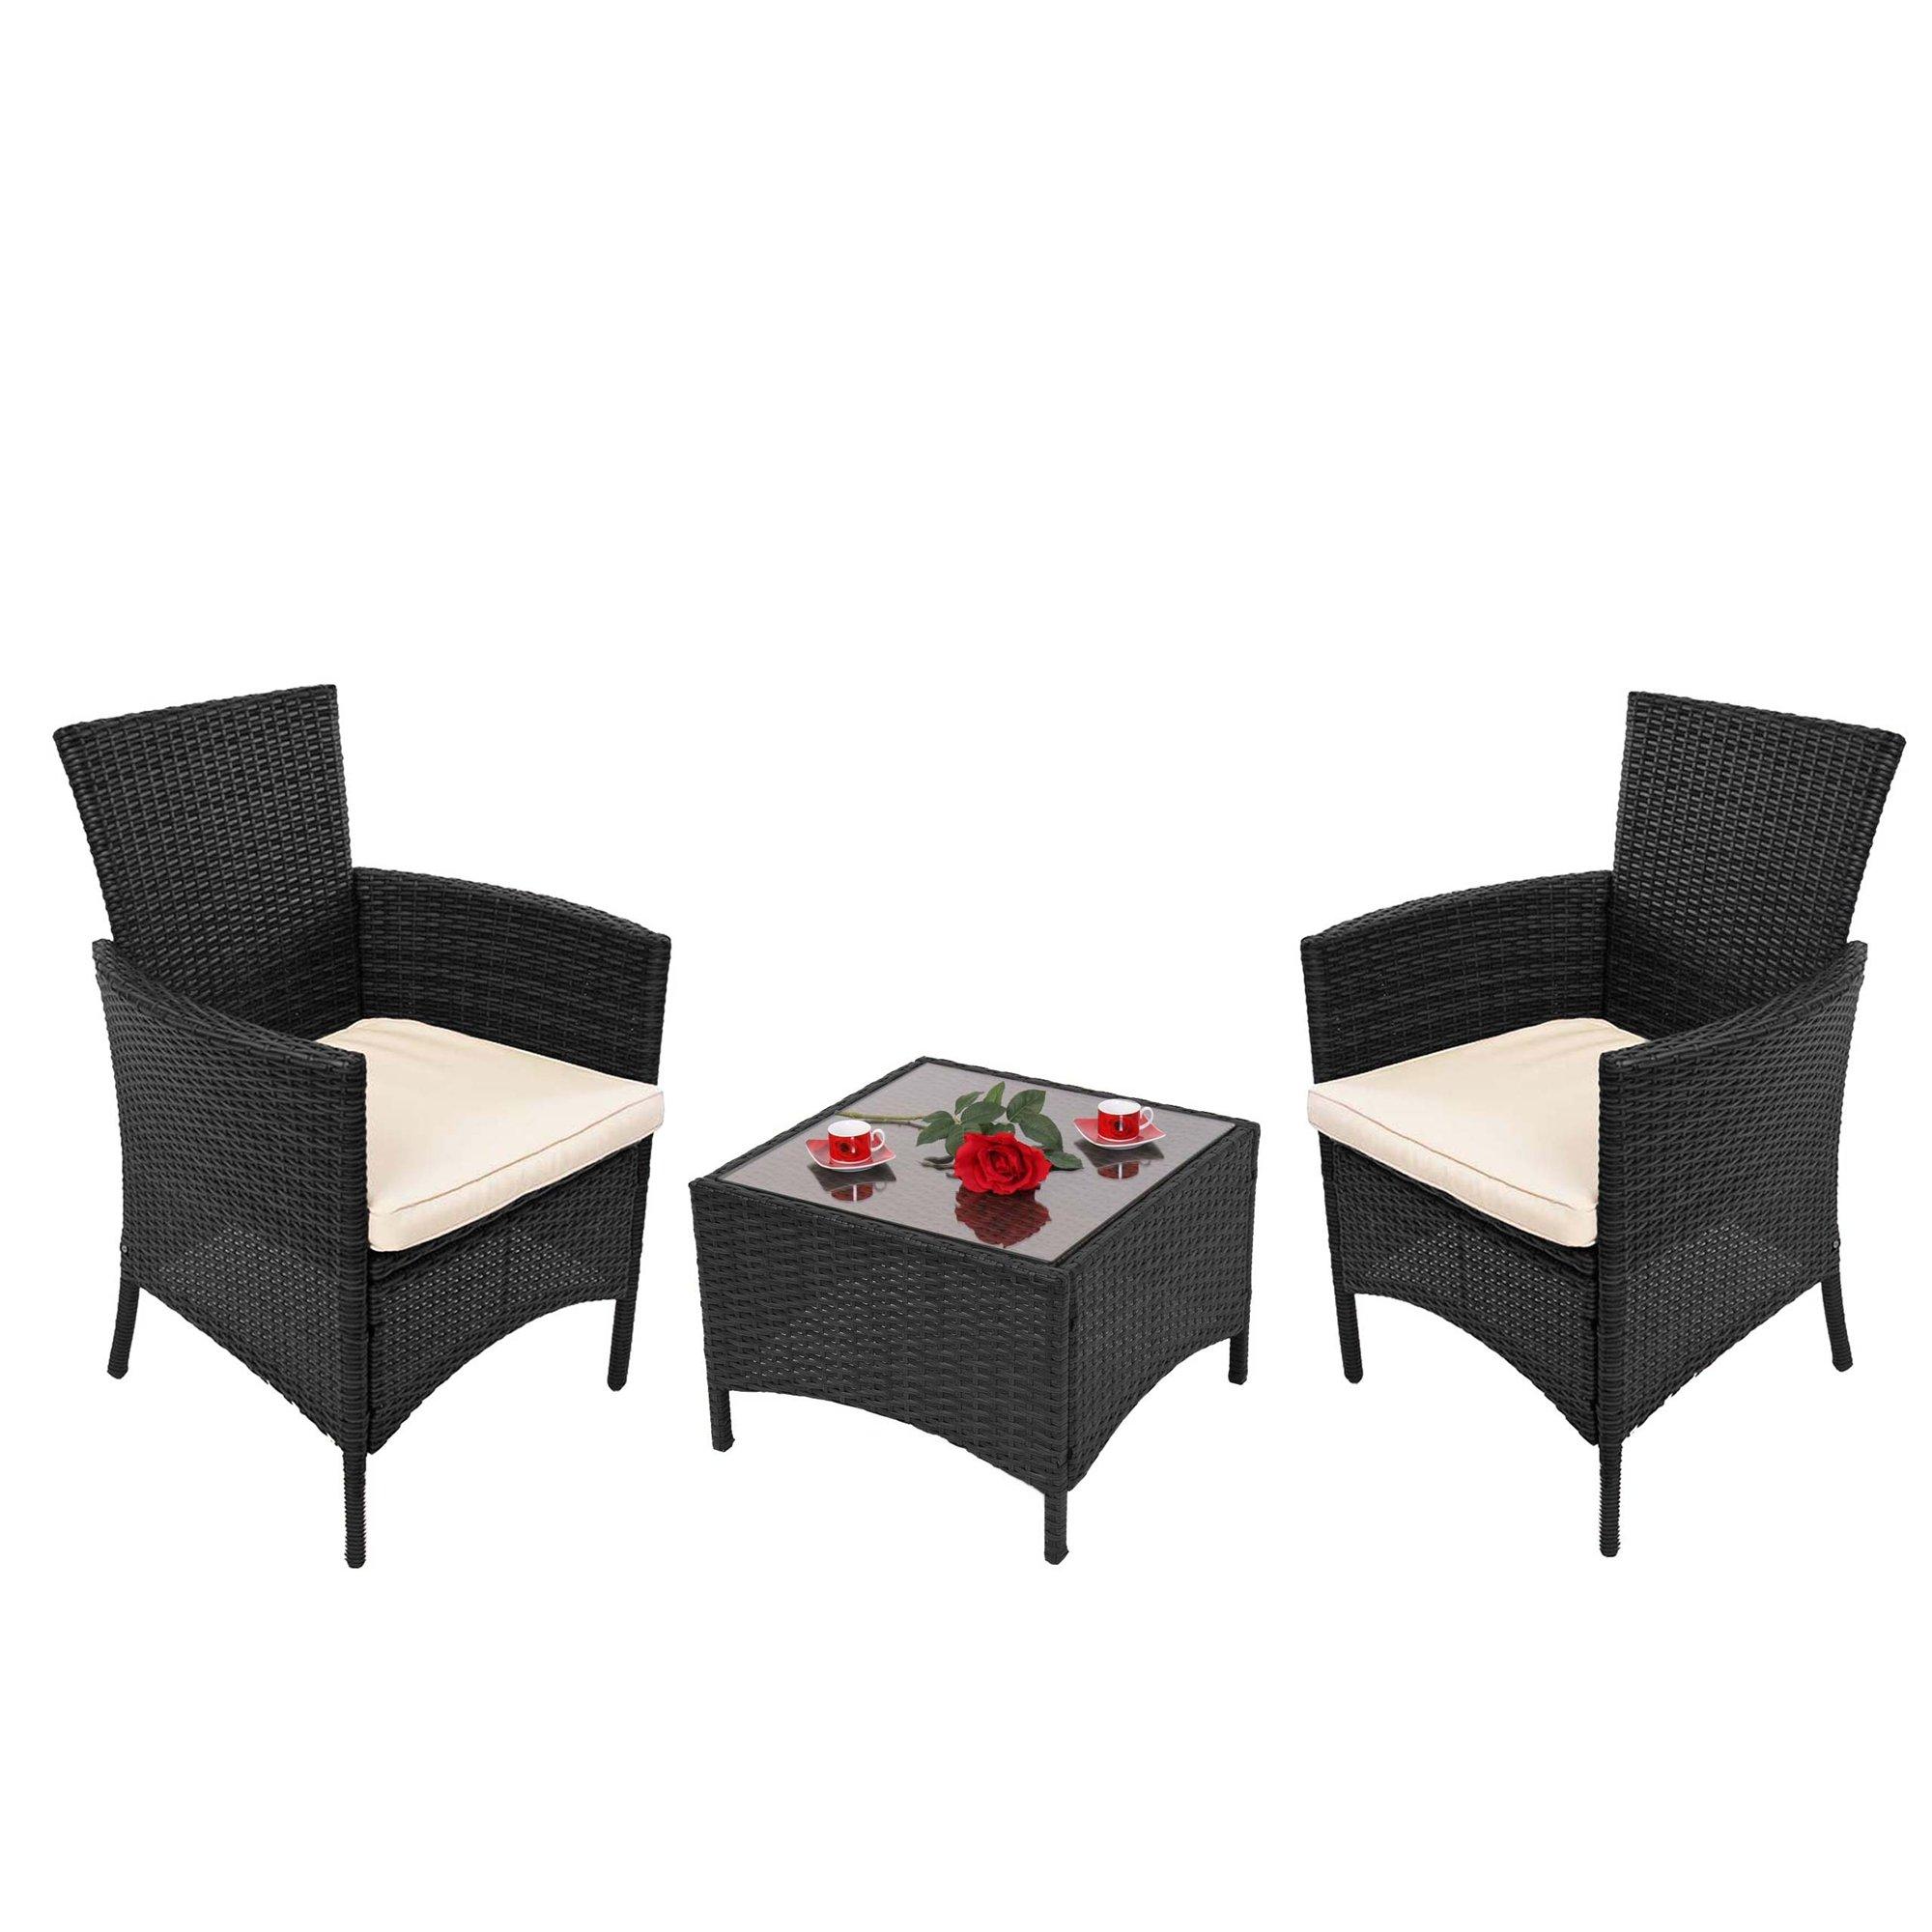 Lote 2 sillas de jard n mesa caf parma color negro for Oferta mesa y sillas jardin